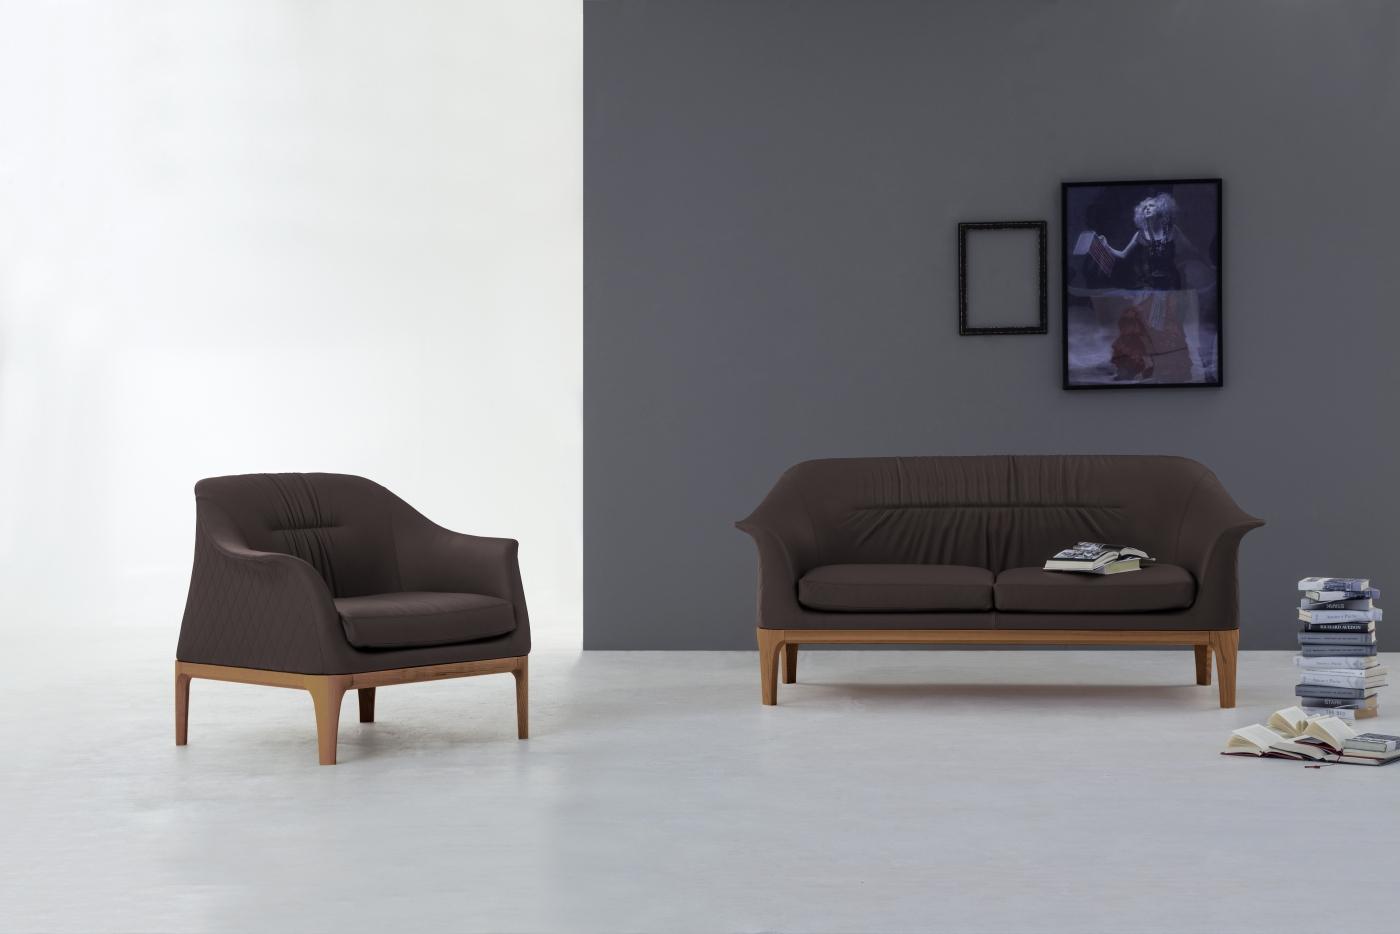 Tiffany Poltrona Tonin Casa - Poltrone e divani